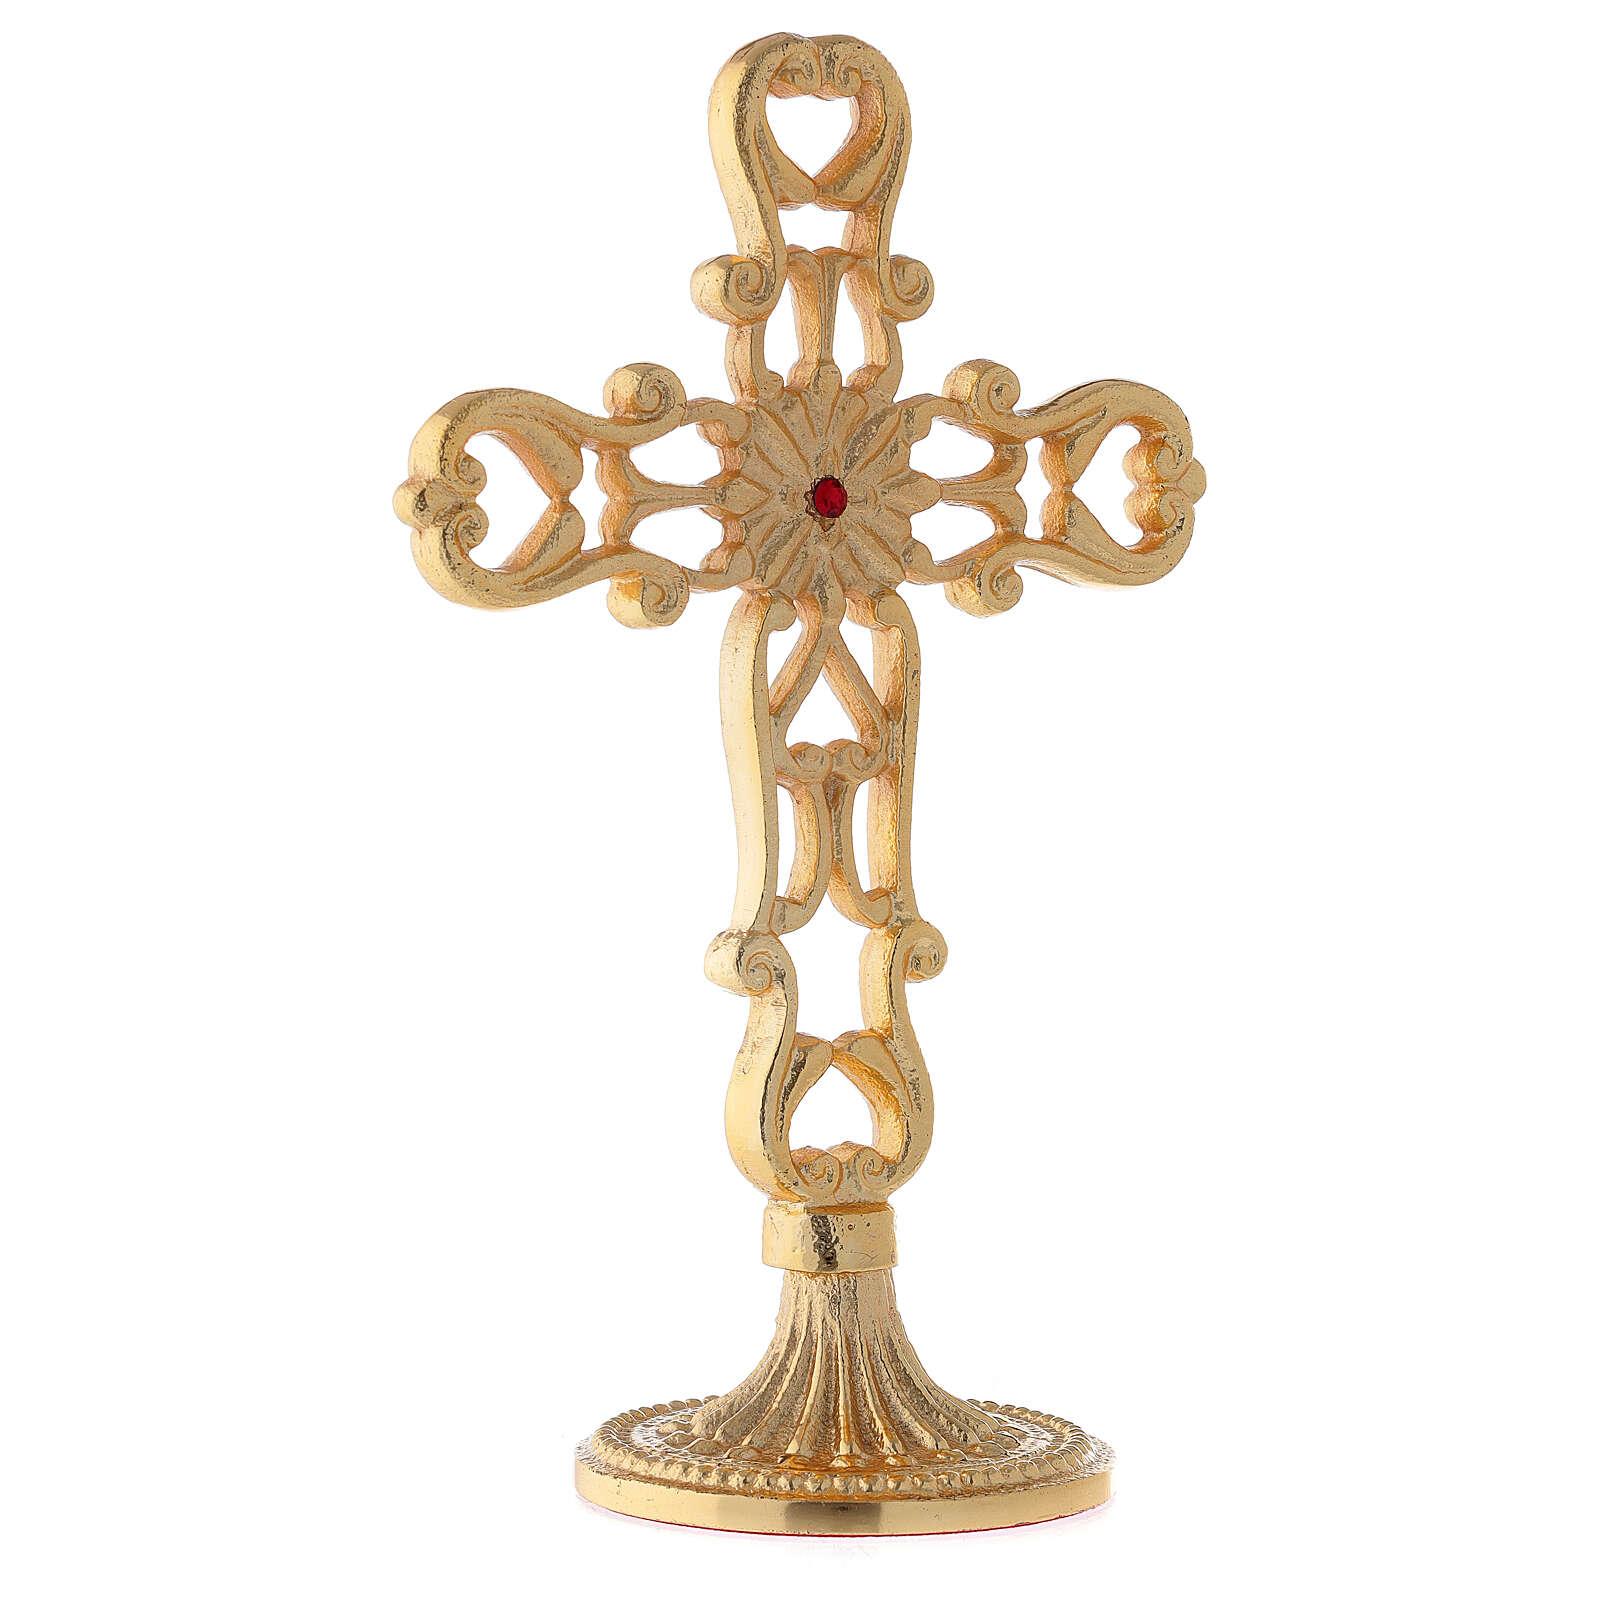 Croce con base traforata ottone dorato cristallo rosso h 21 cm 4